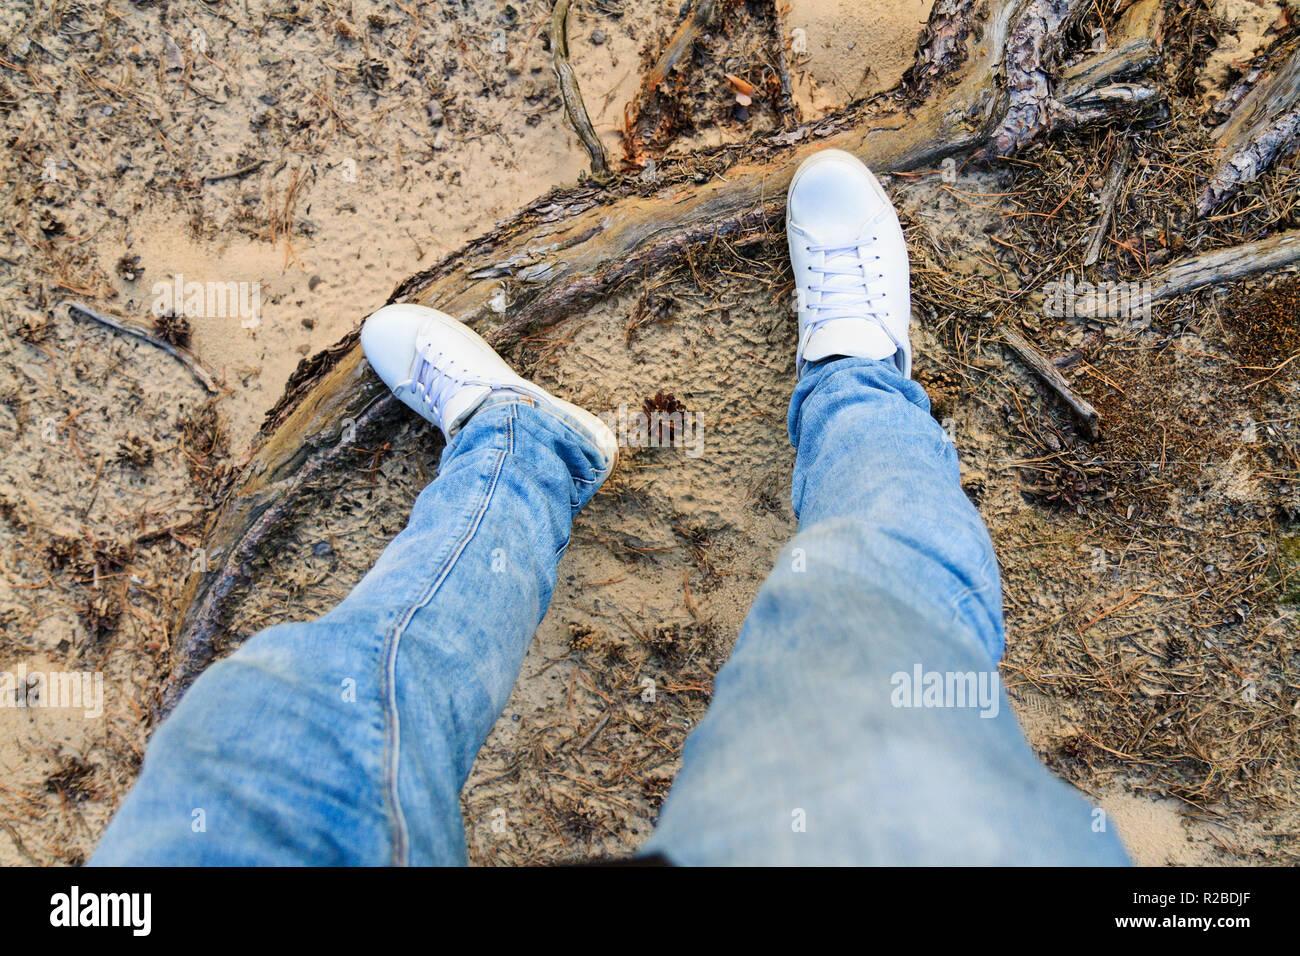 38bd11dca86e Beine in weißen Turnschuhen und Jeans unter Natur Stockfoto, Bild ...